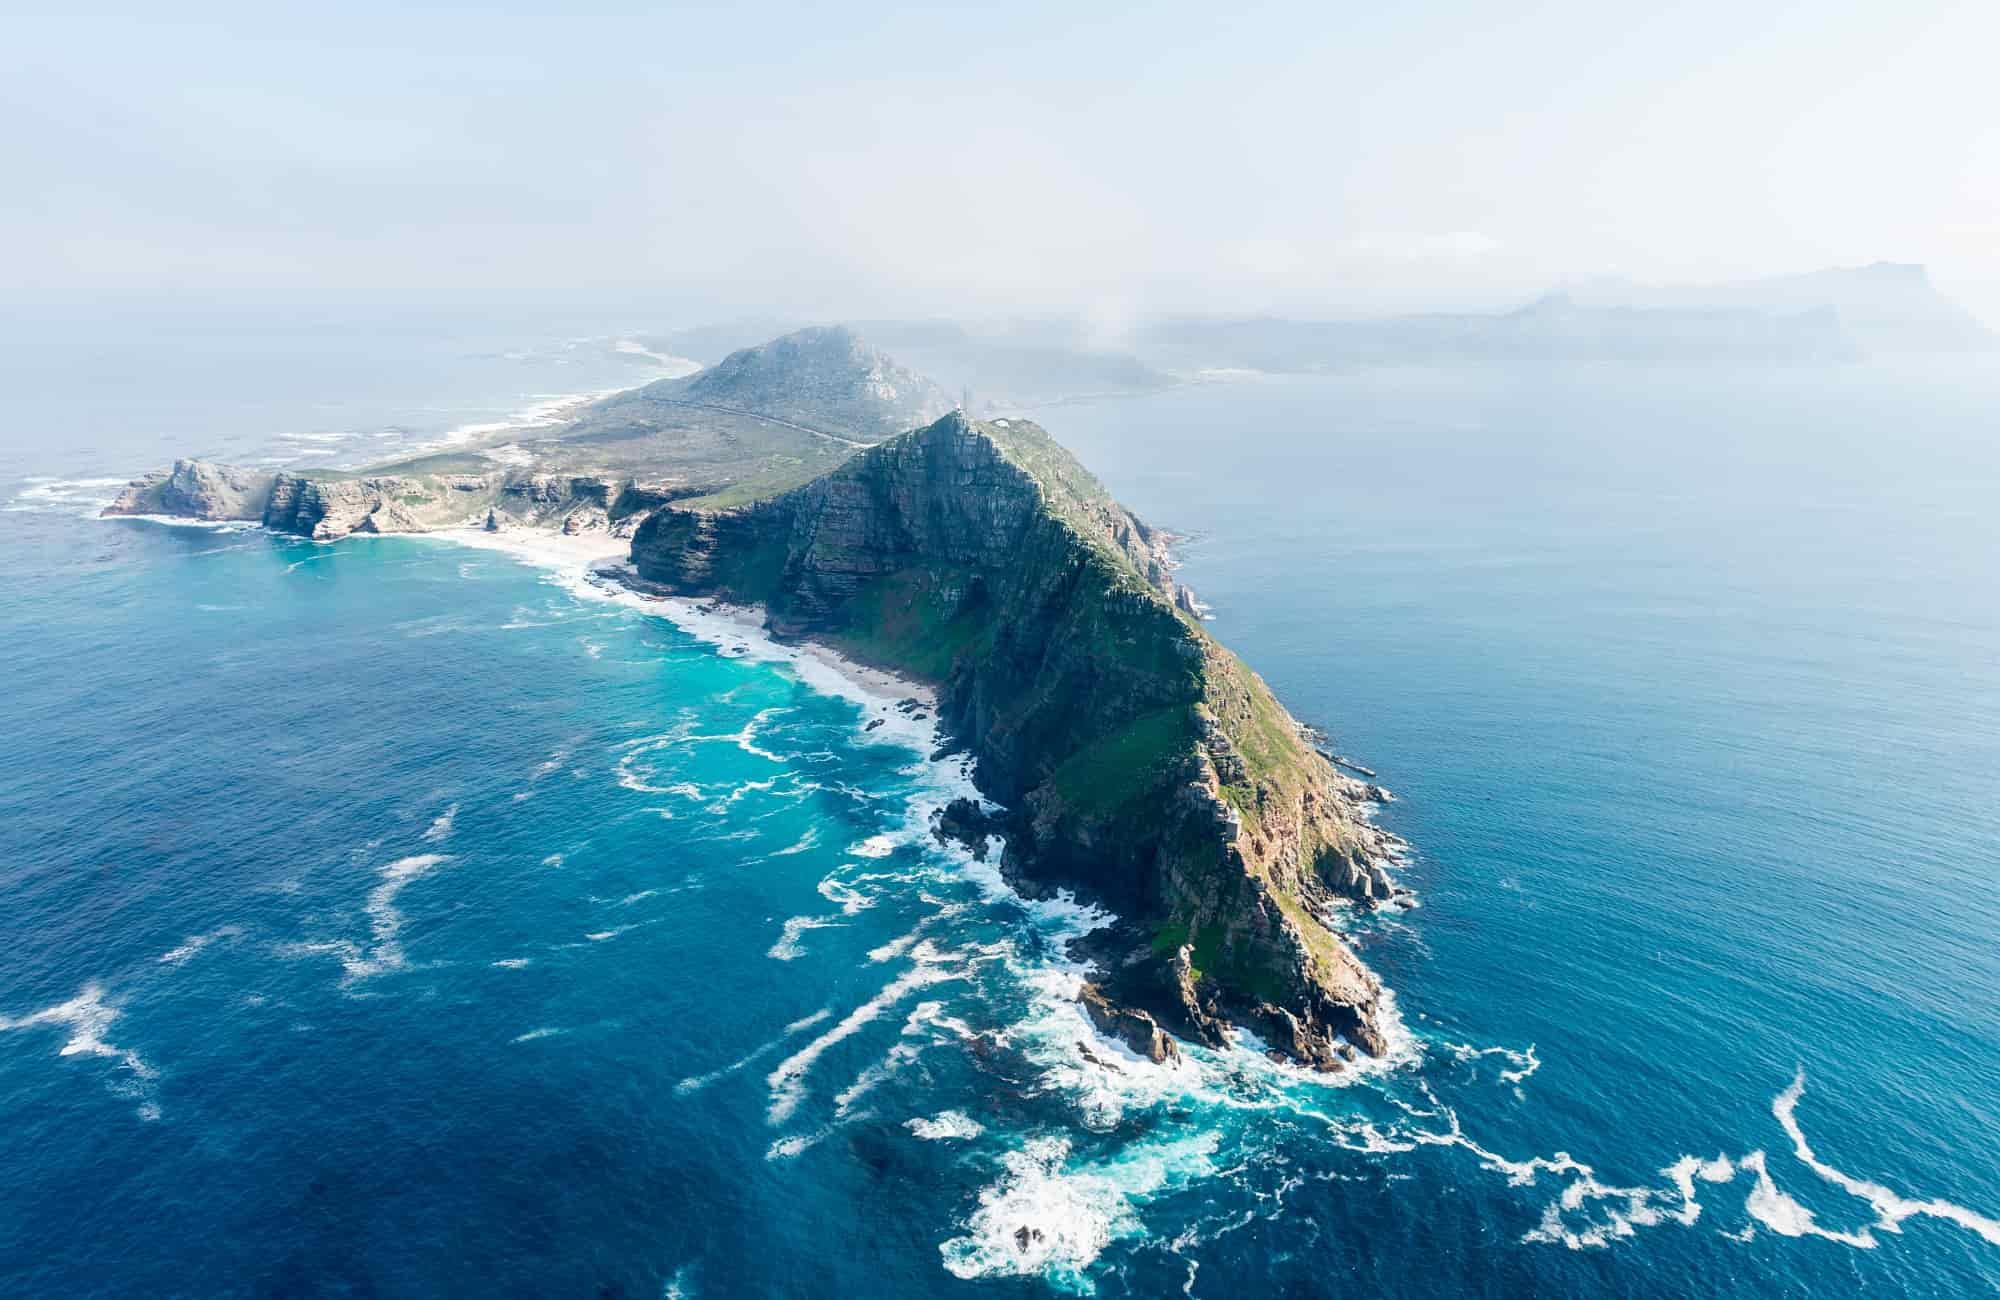 Voyage Afrique du Sud - Le Cap de Bonne-Espérance - Amplitudes